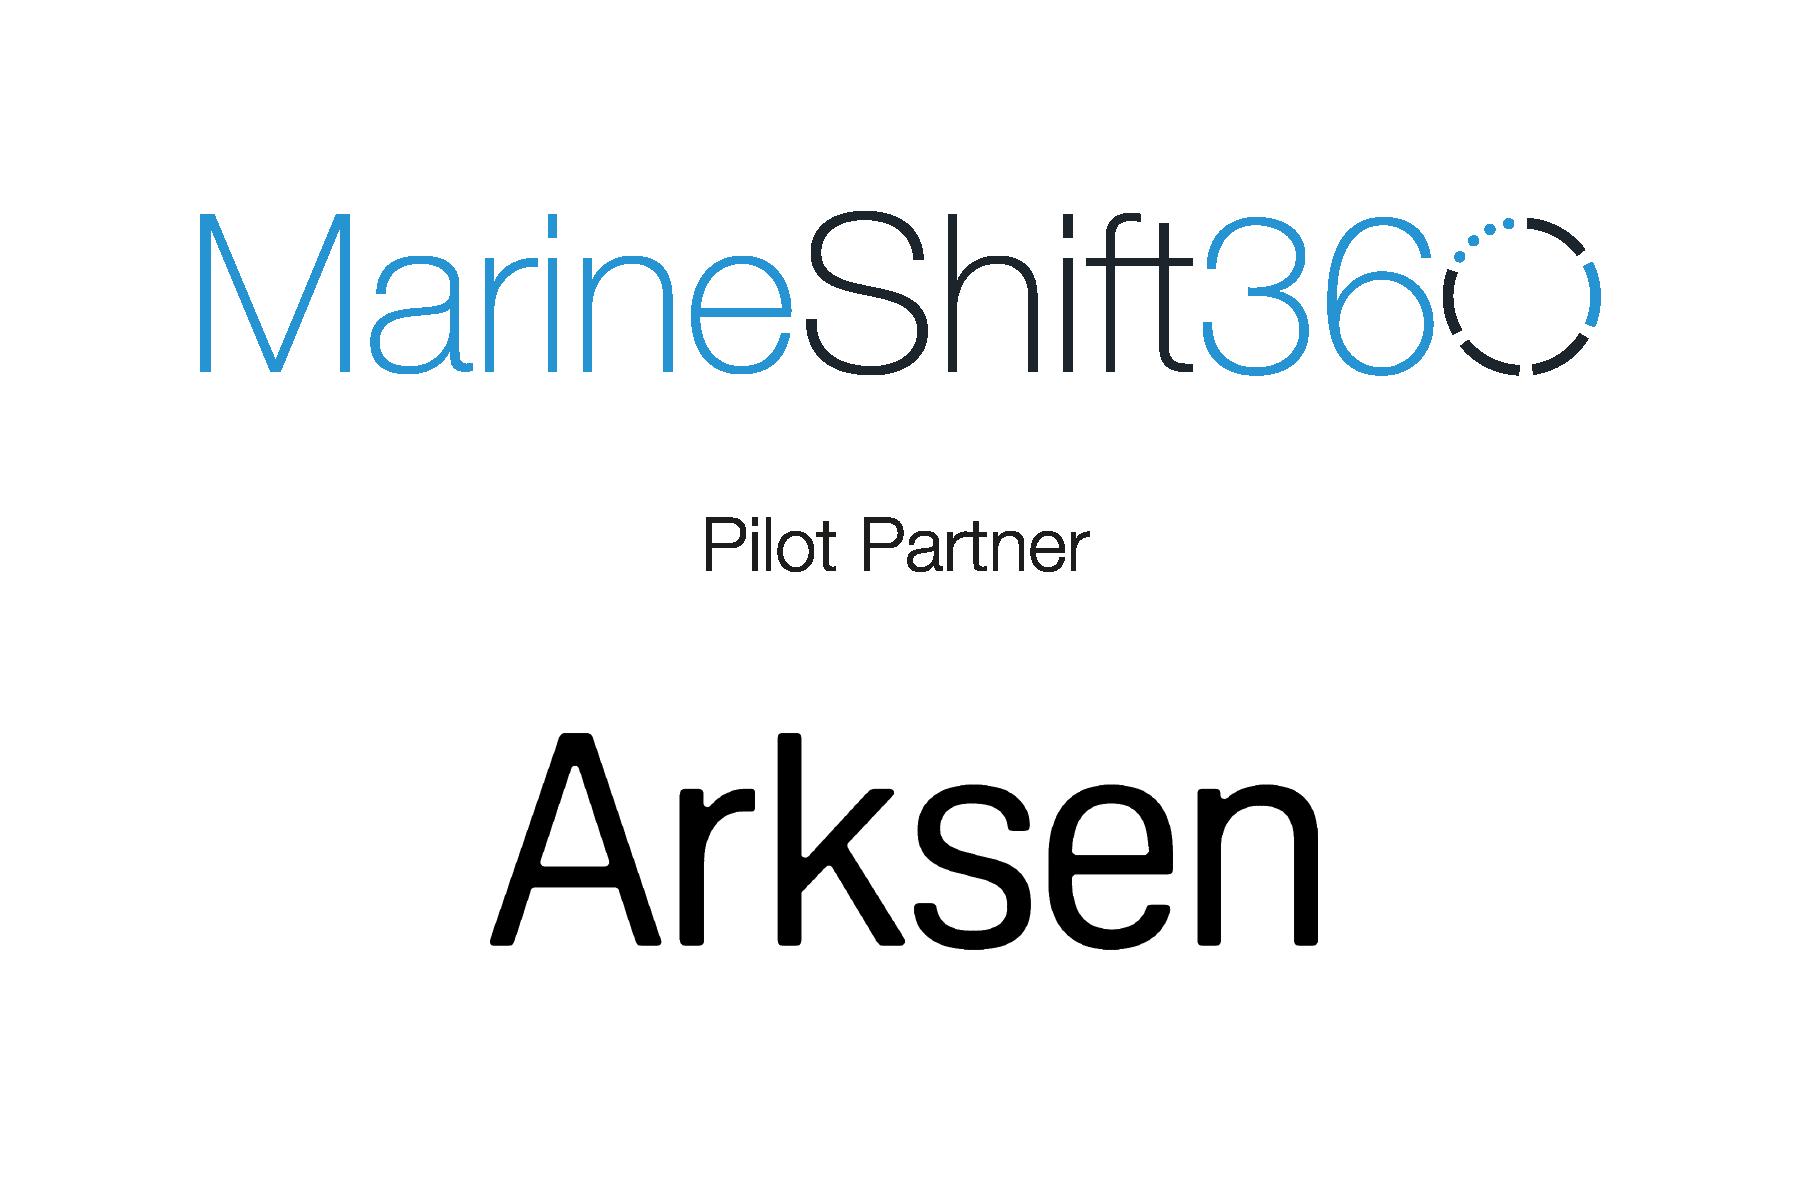 Pilot Partner Marineshift360_ Lockup Arksen.png